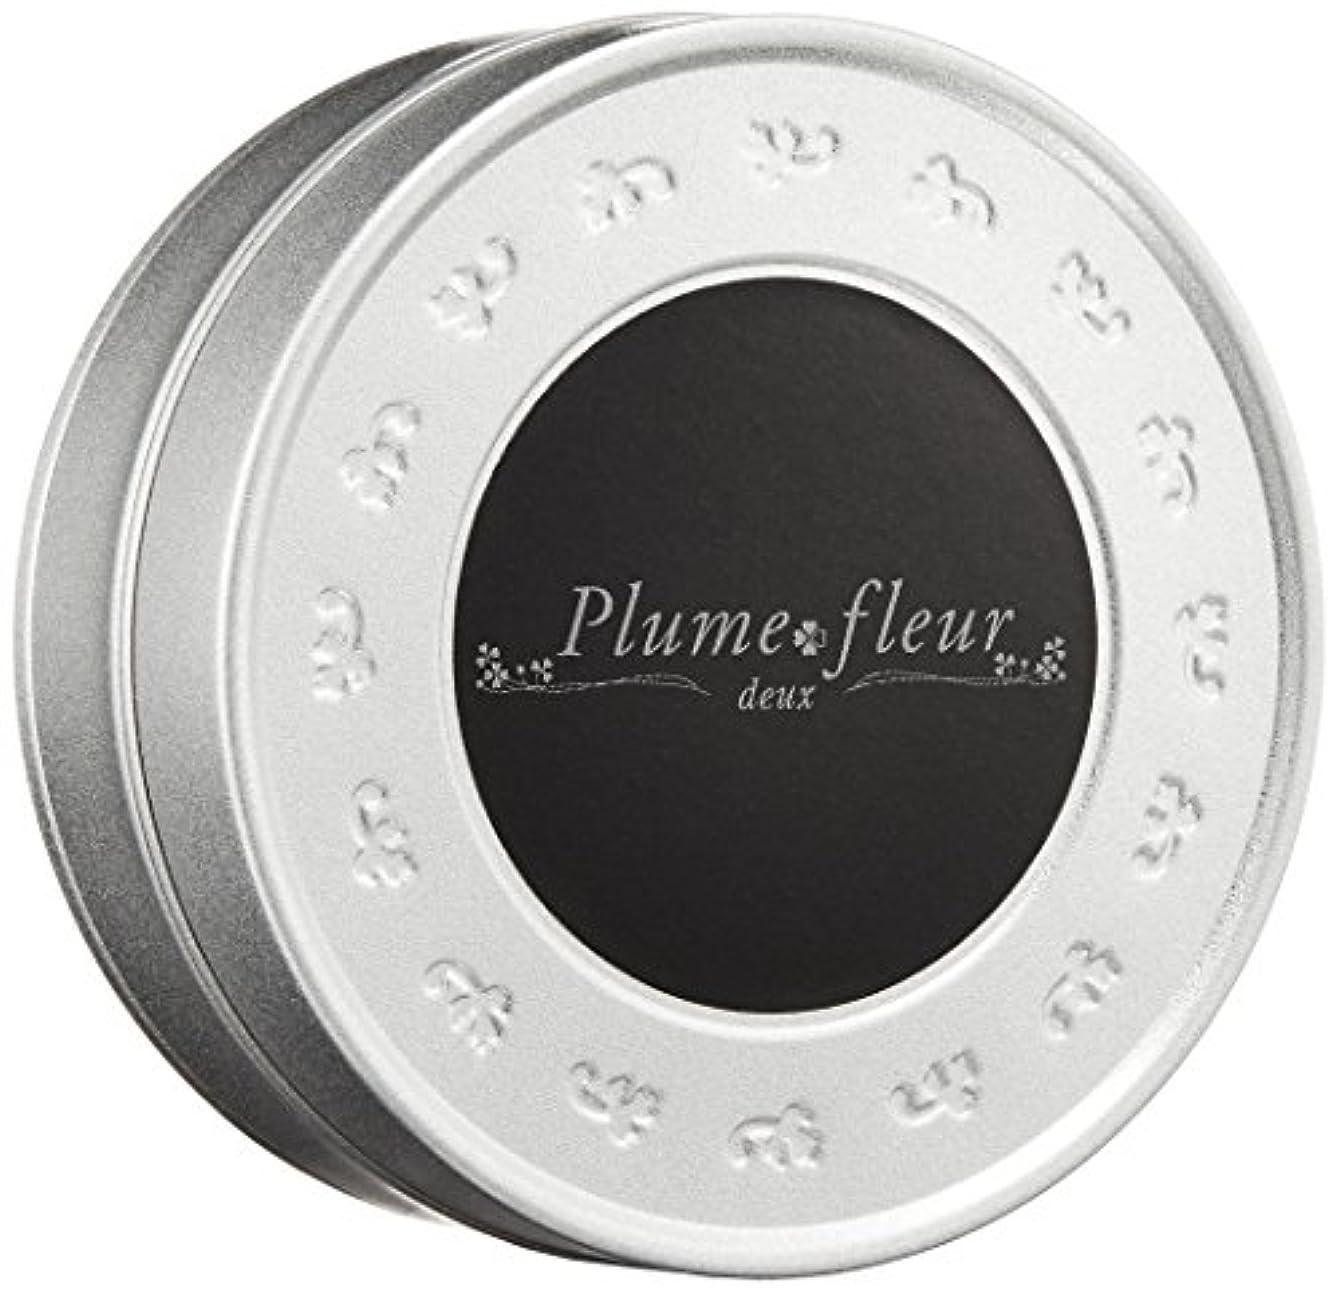 なめらかなブラインド九月Plume fleur -deux-(プルームフルール?WH)